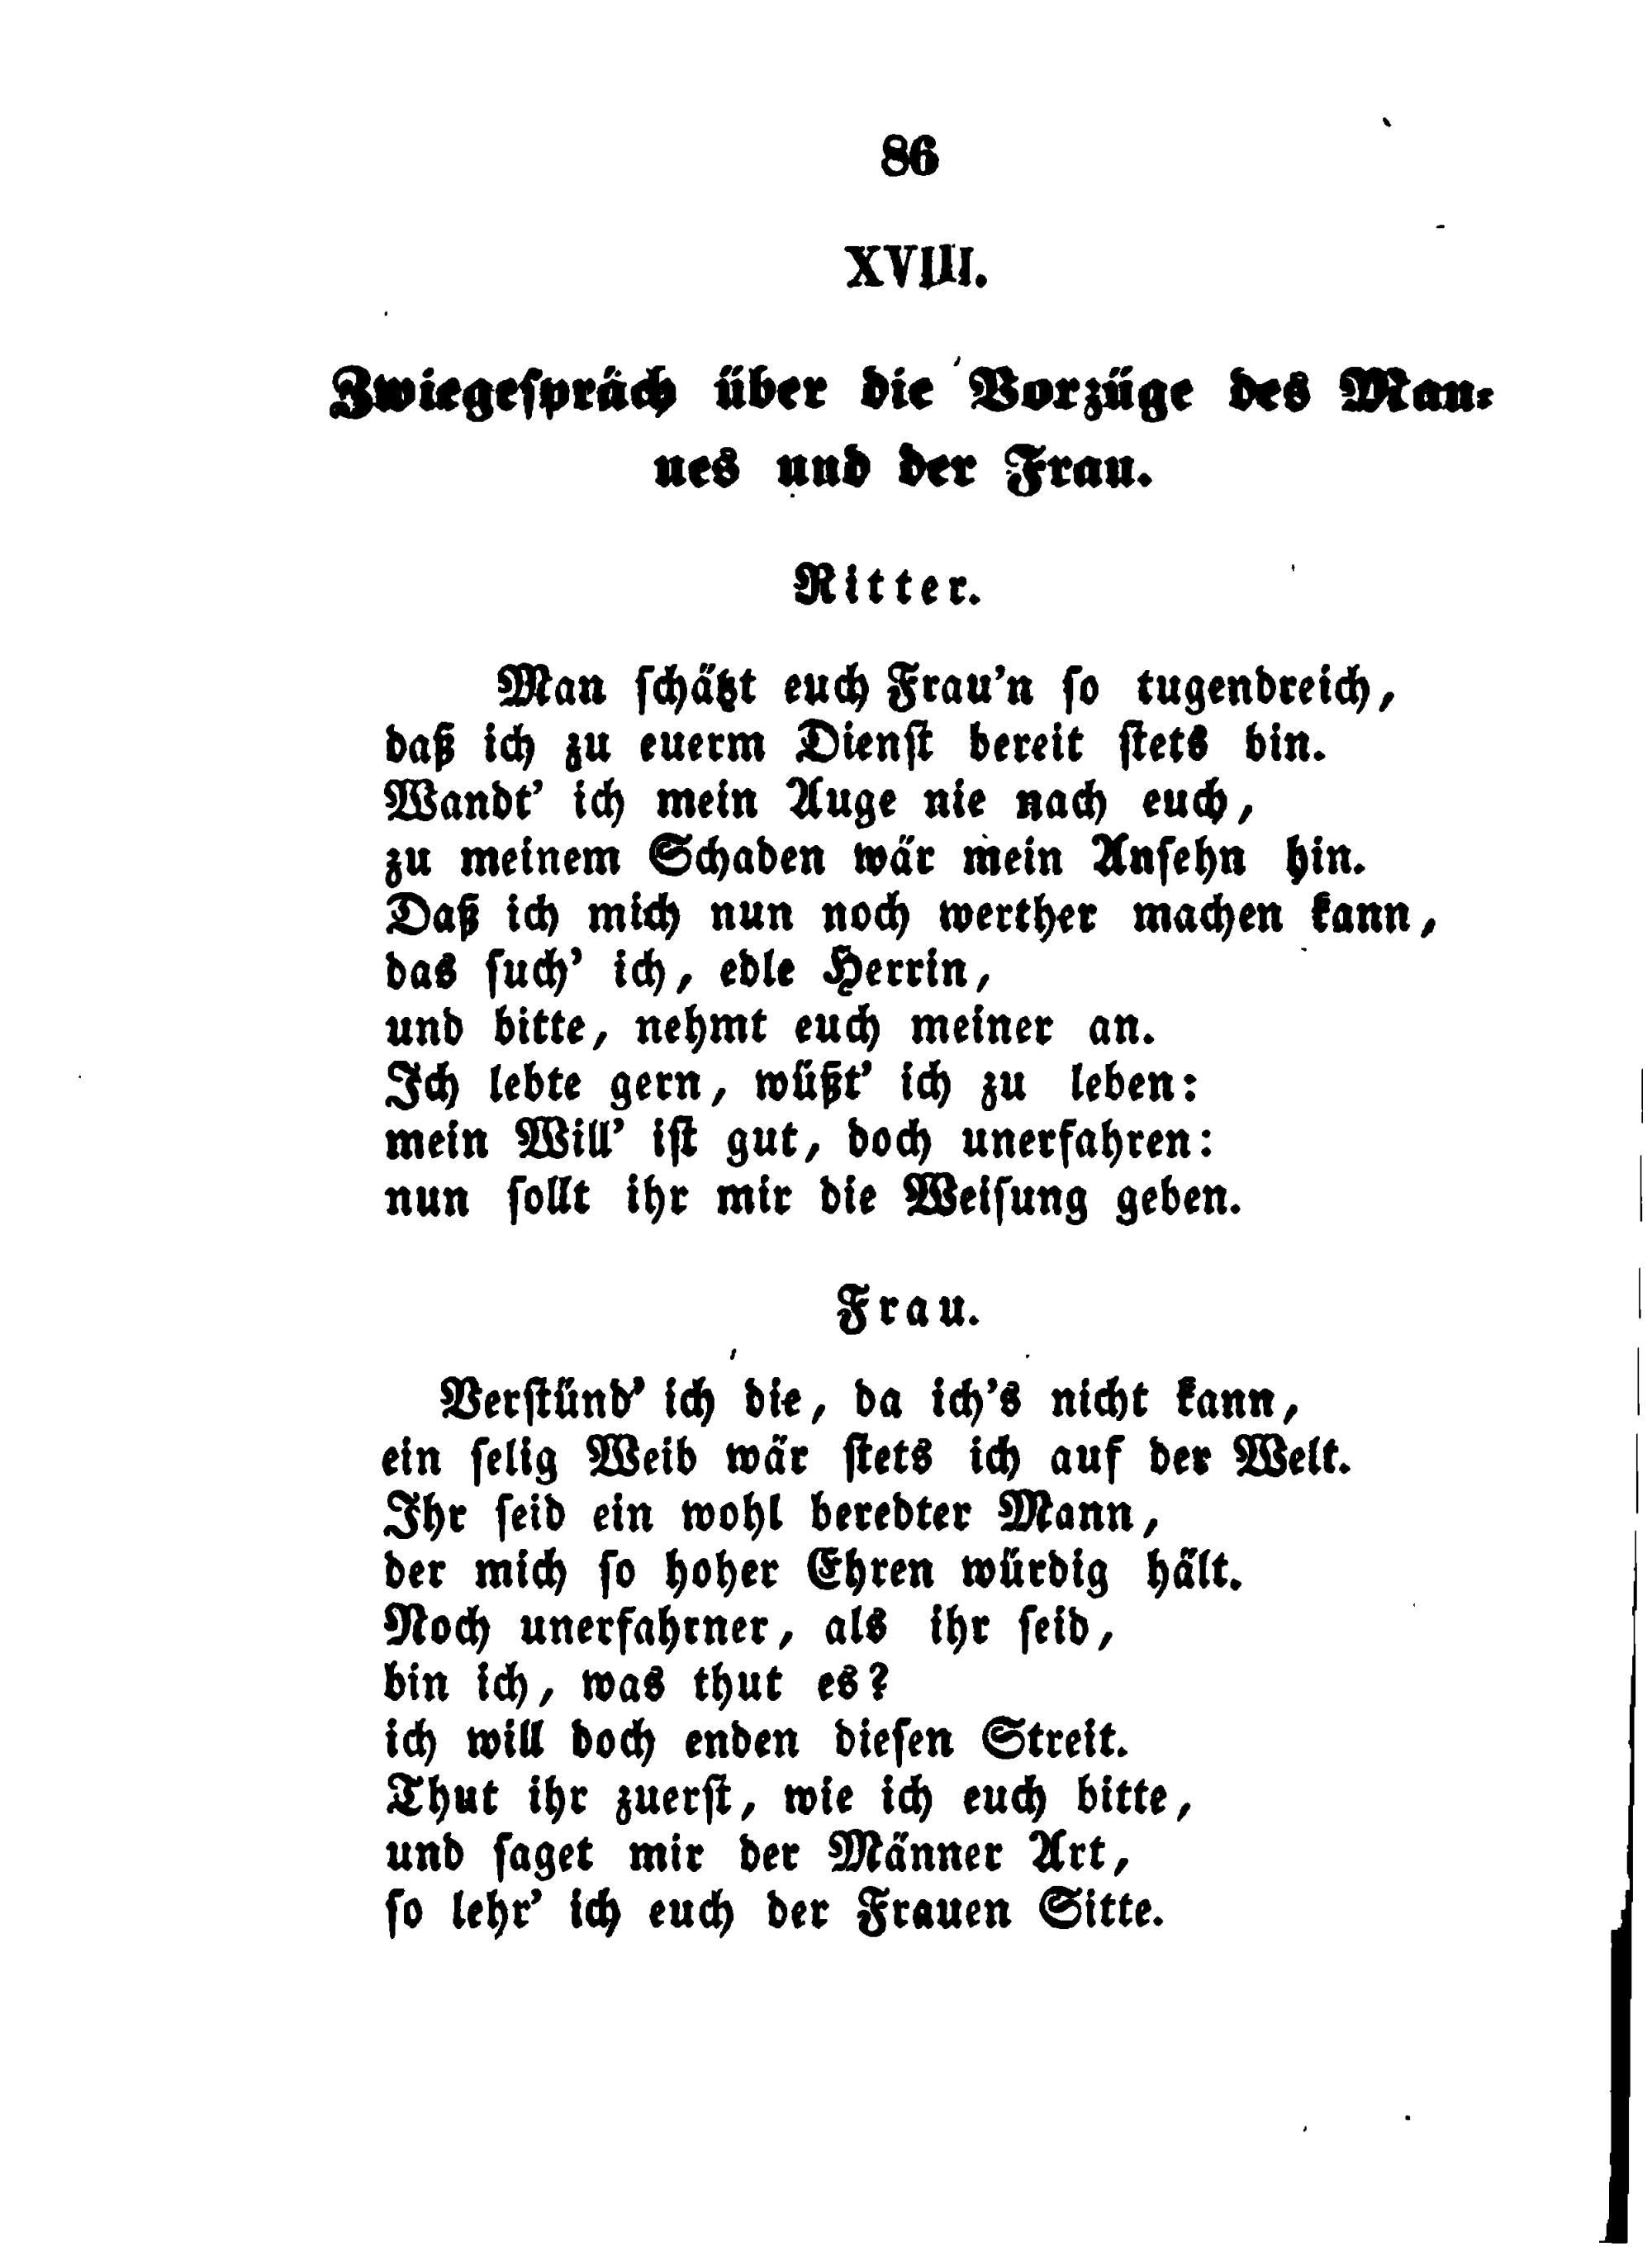 File:De Koch Gedichte 086.jpg - Wikimedia Commons